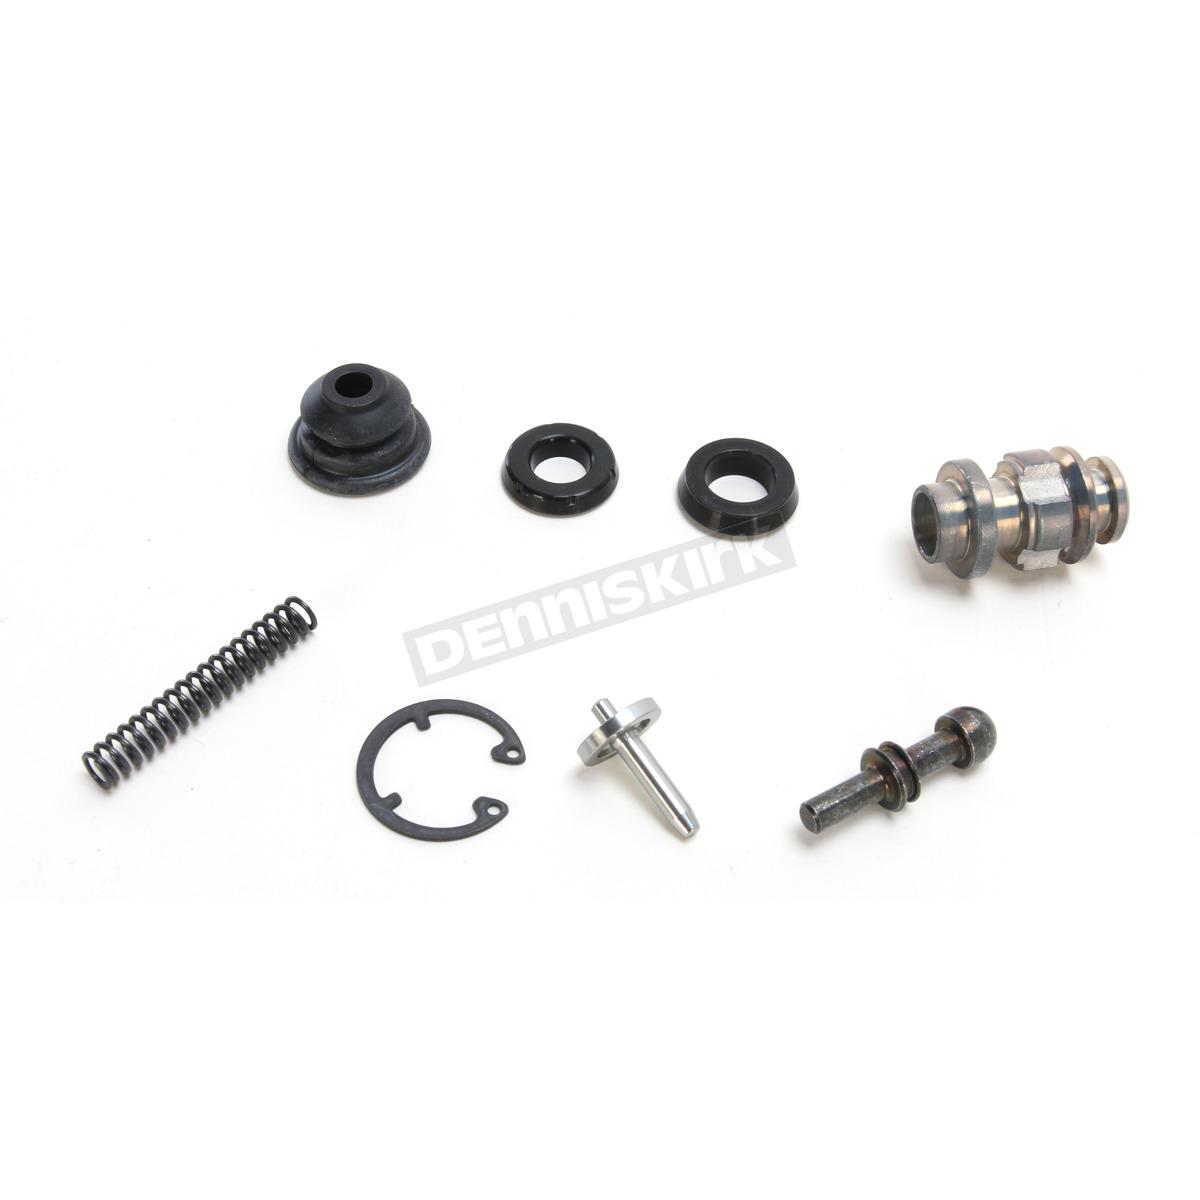 Parts Unlimited Front Brake Master Cylinder Rebuild Kit